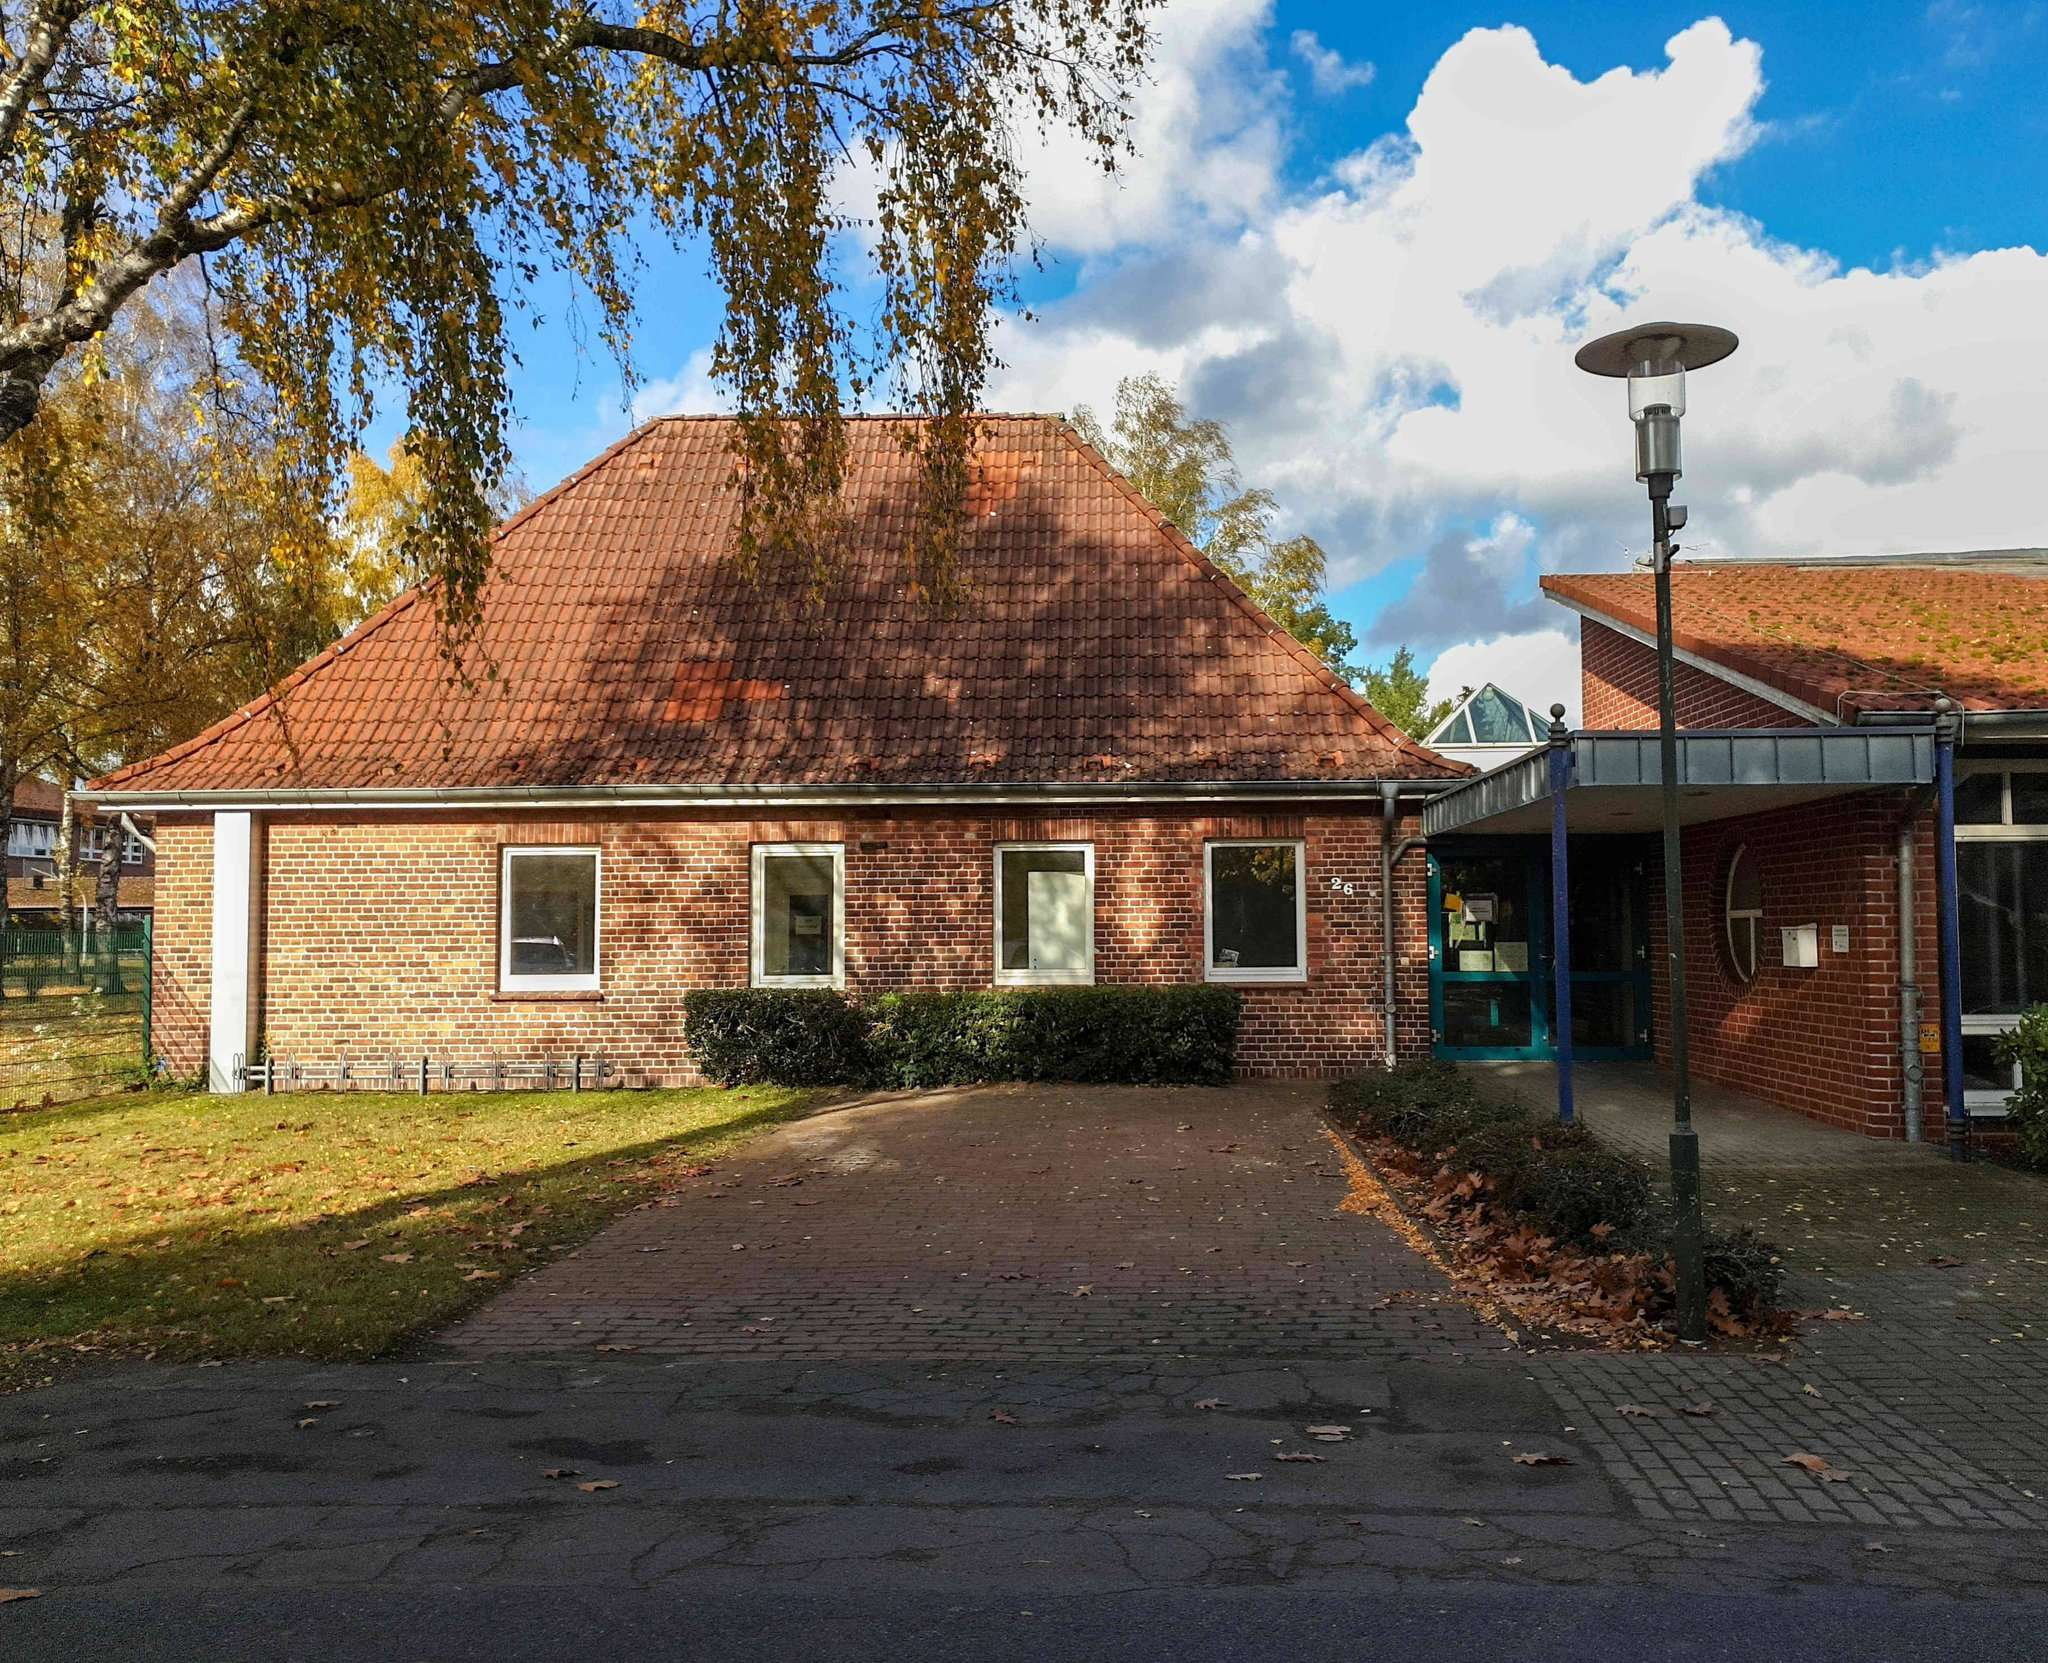 Aus dem Altbau des ehemaligen Kindergartens könnte eine Polizeistation werden. Foto: Tobias Woelki